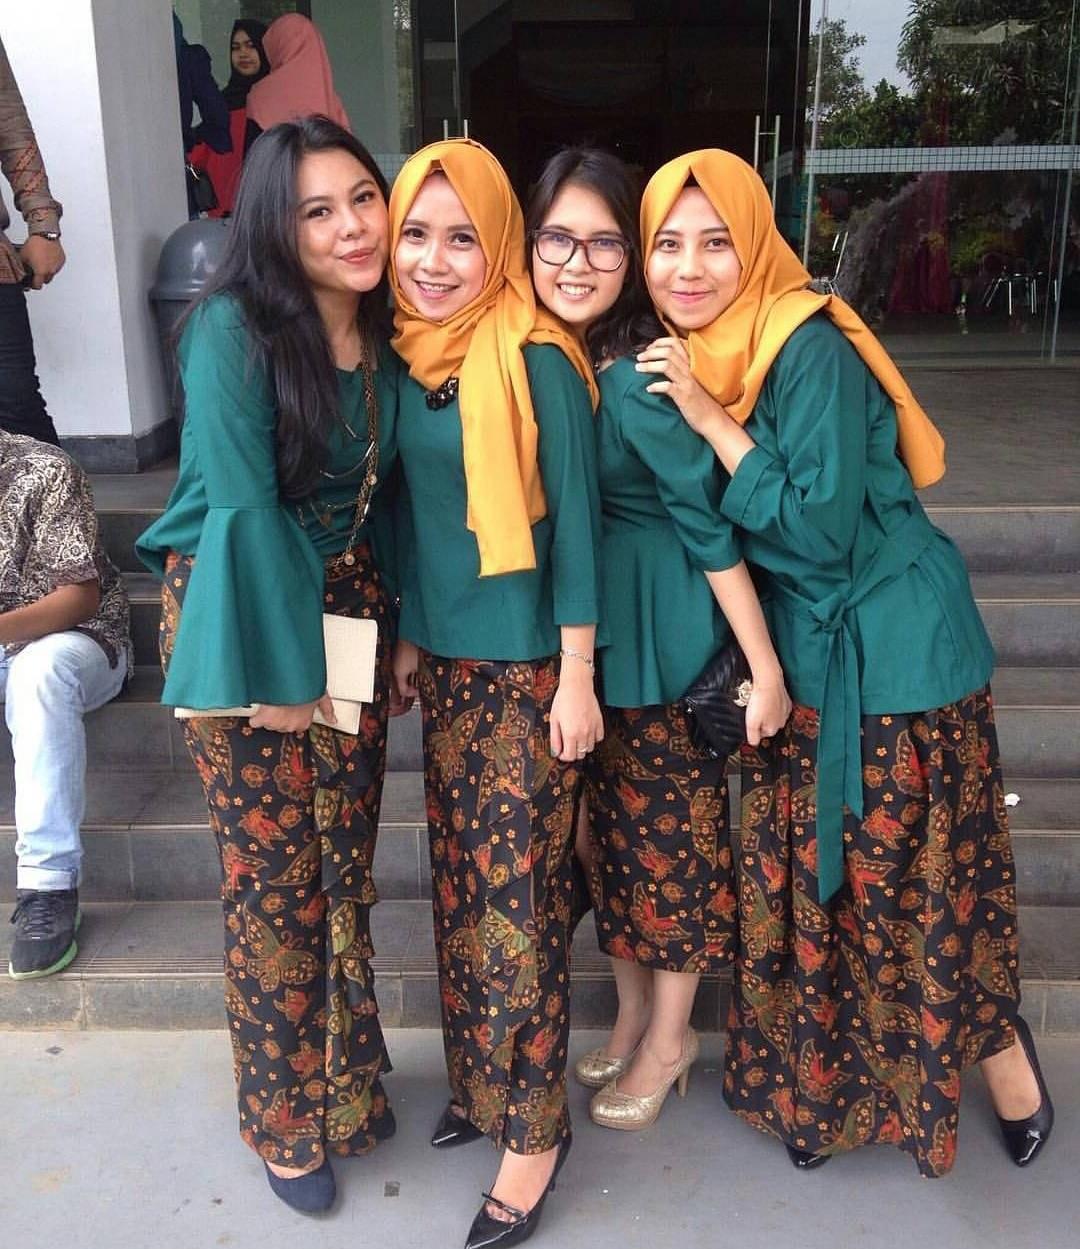 Ide Inspirasi Gaun Bridesmaid Hijab S5d8 Kumpulan Hijab Untuk Kebaya Hijau